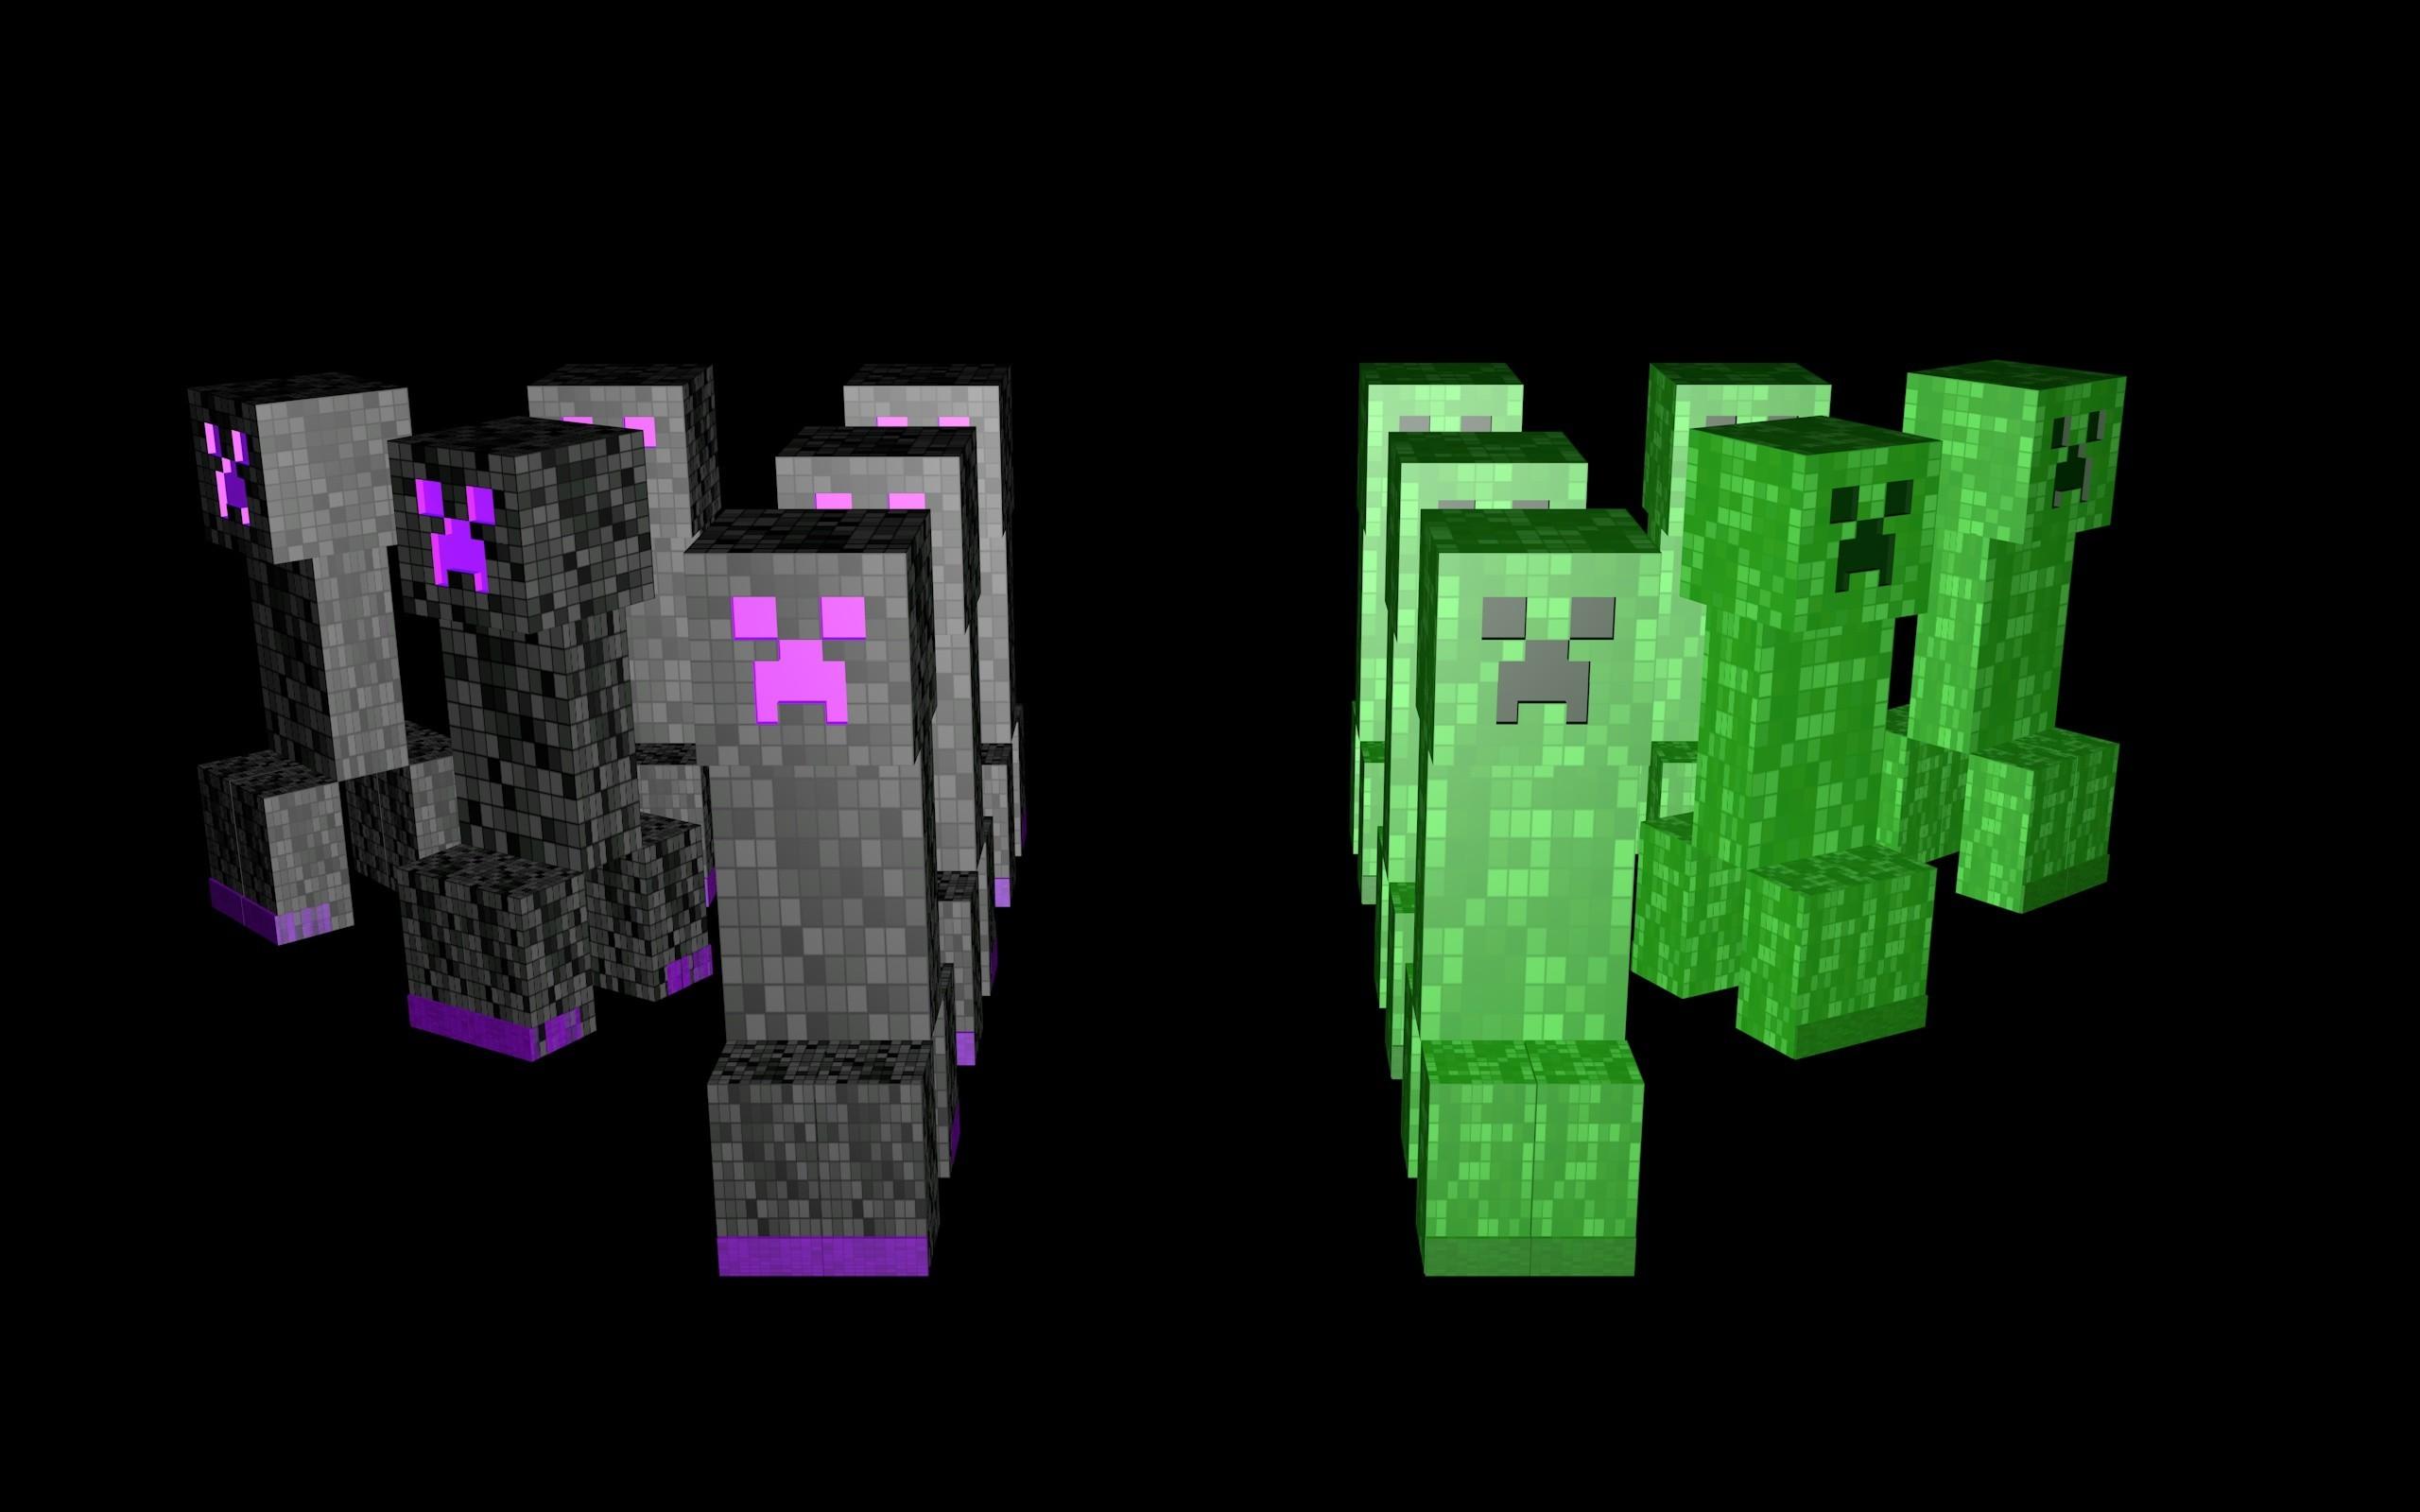 Hintergrundbilder X Px Kriechpflanze Minecraft PC - Minecraft spiele youtube